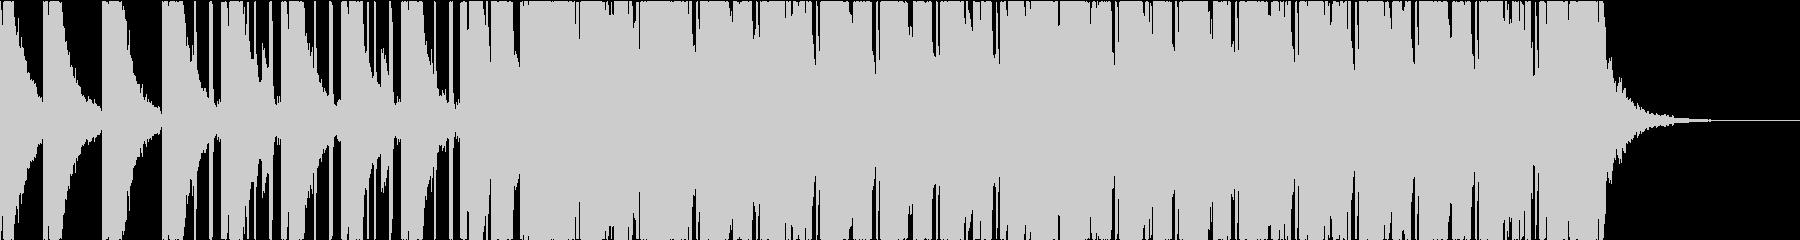 テンションコードを使った癒し系サウンドの未再生の波形